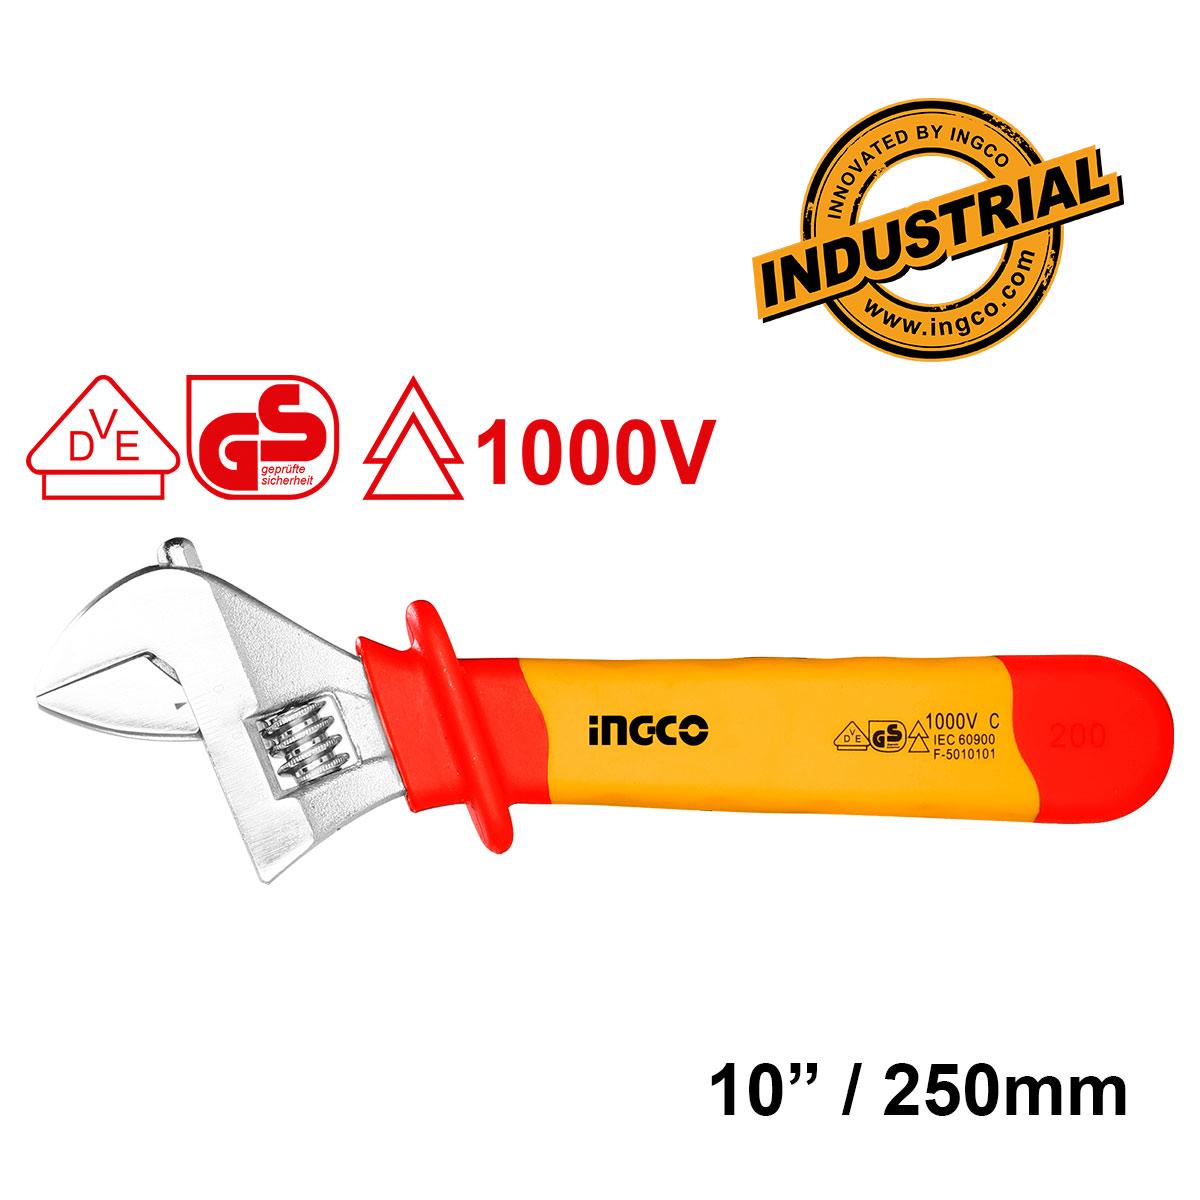 Γαλλικό κλειδί ηλεκτρολόγου 250mm HIADW101 INGCO